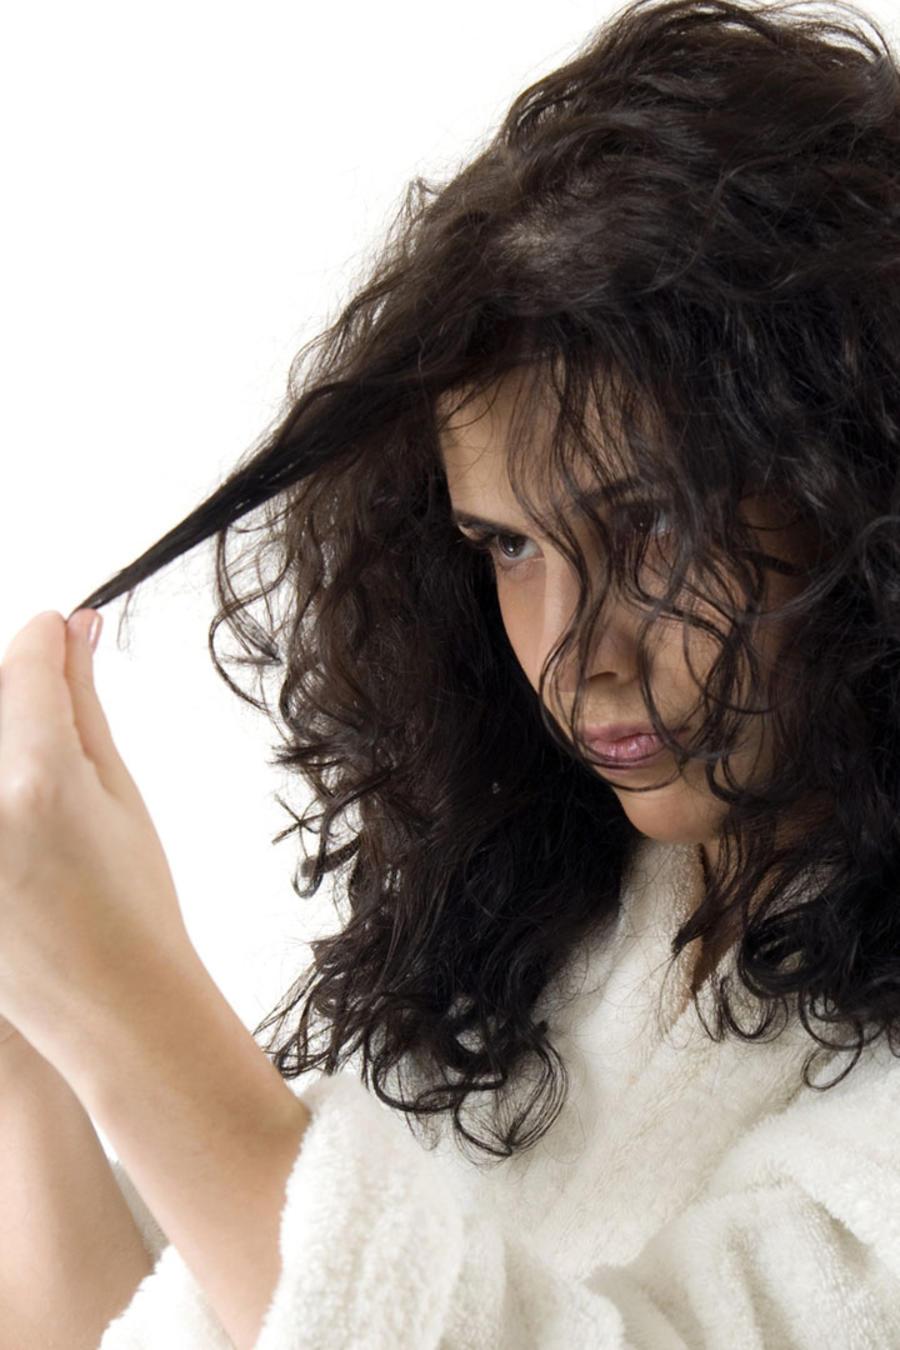 Mujer en bata mirándose el cabello